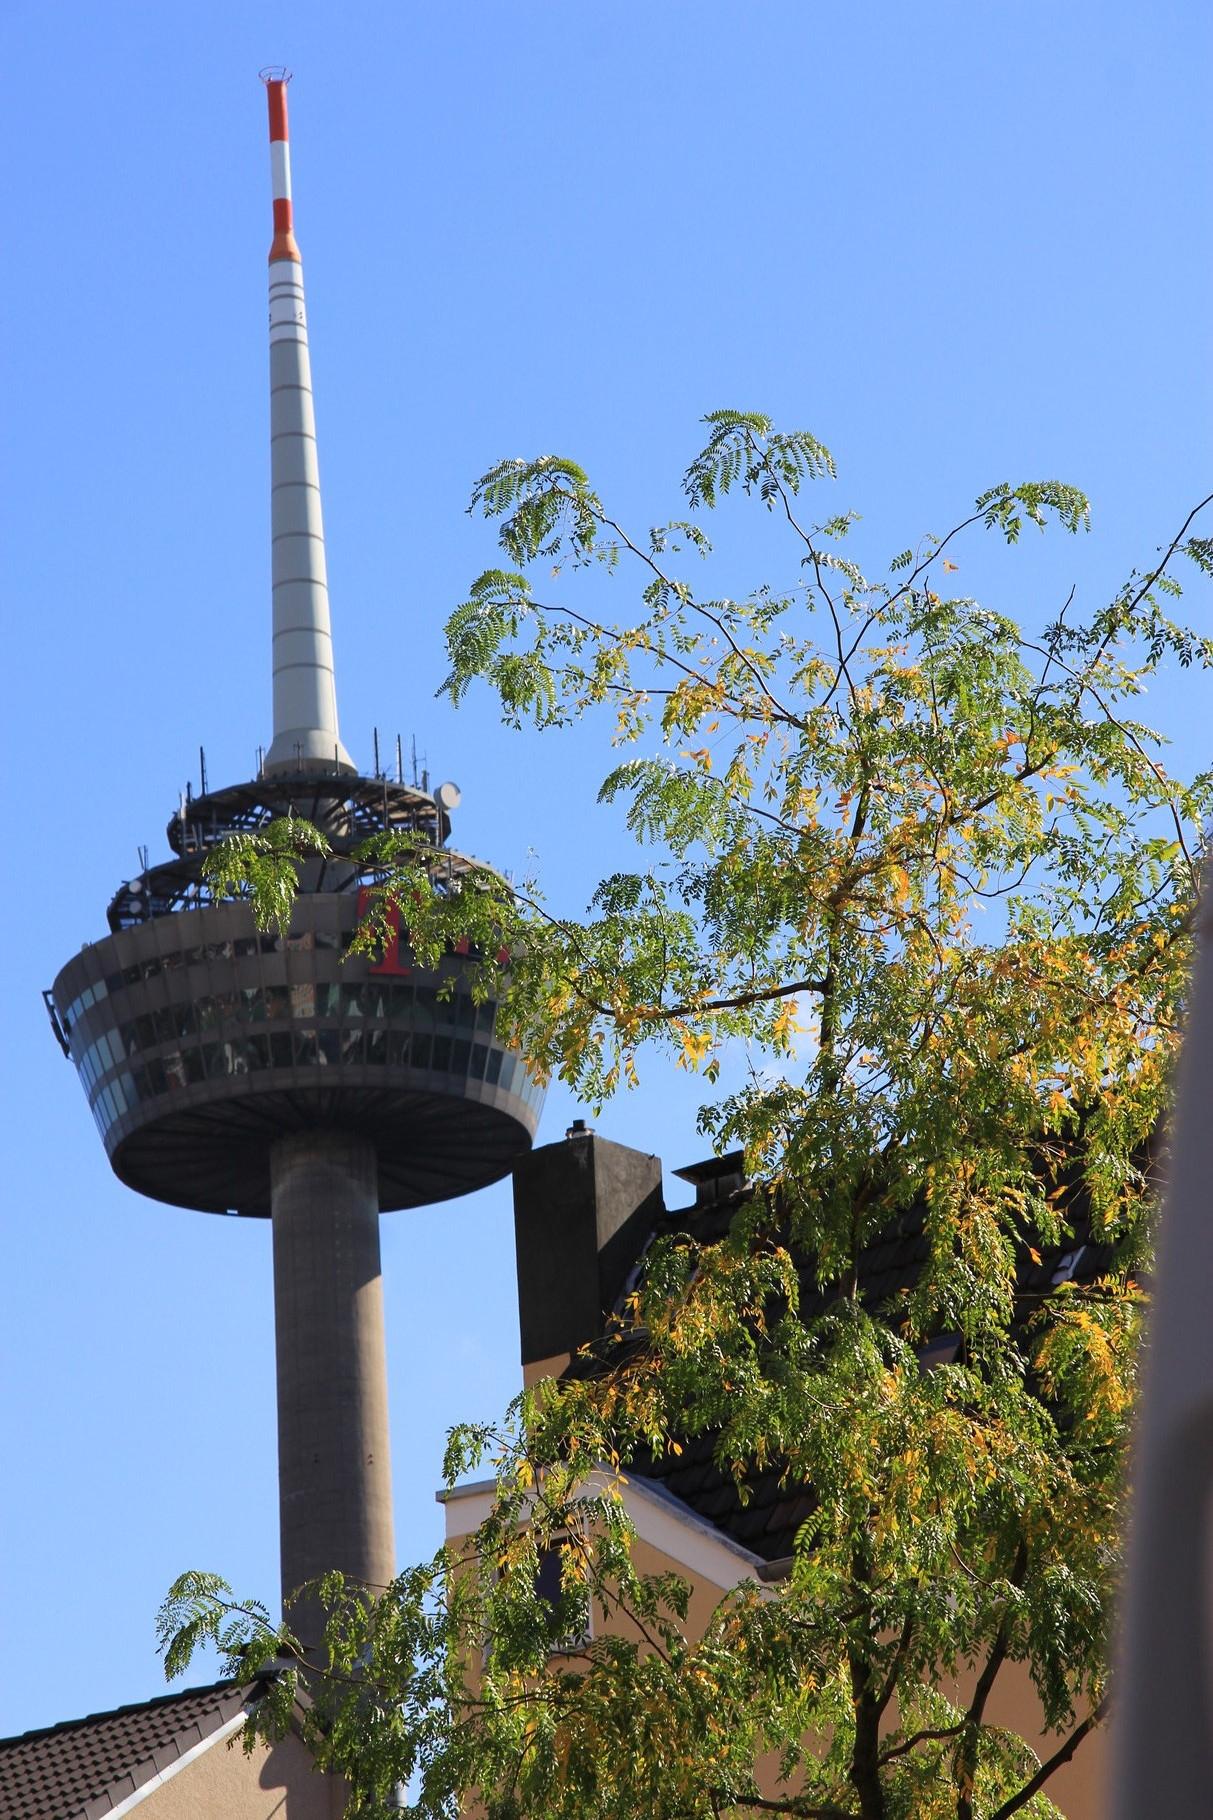 Blick auf den Kölner Fernsehturm bei evt. Start/Ende der Ehrenfeld-Führung an der Zentralmoschee